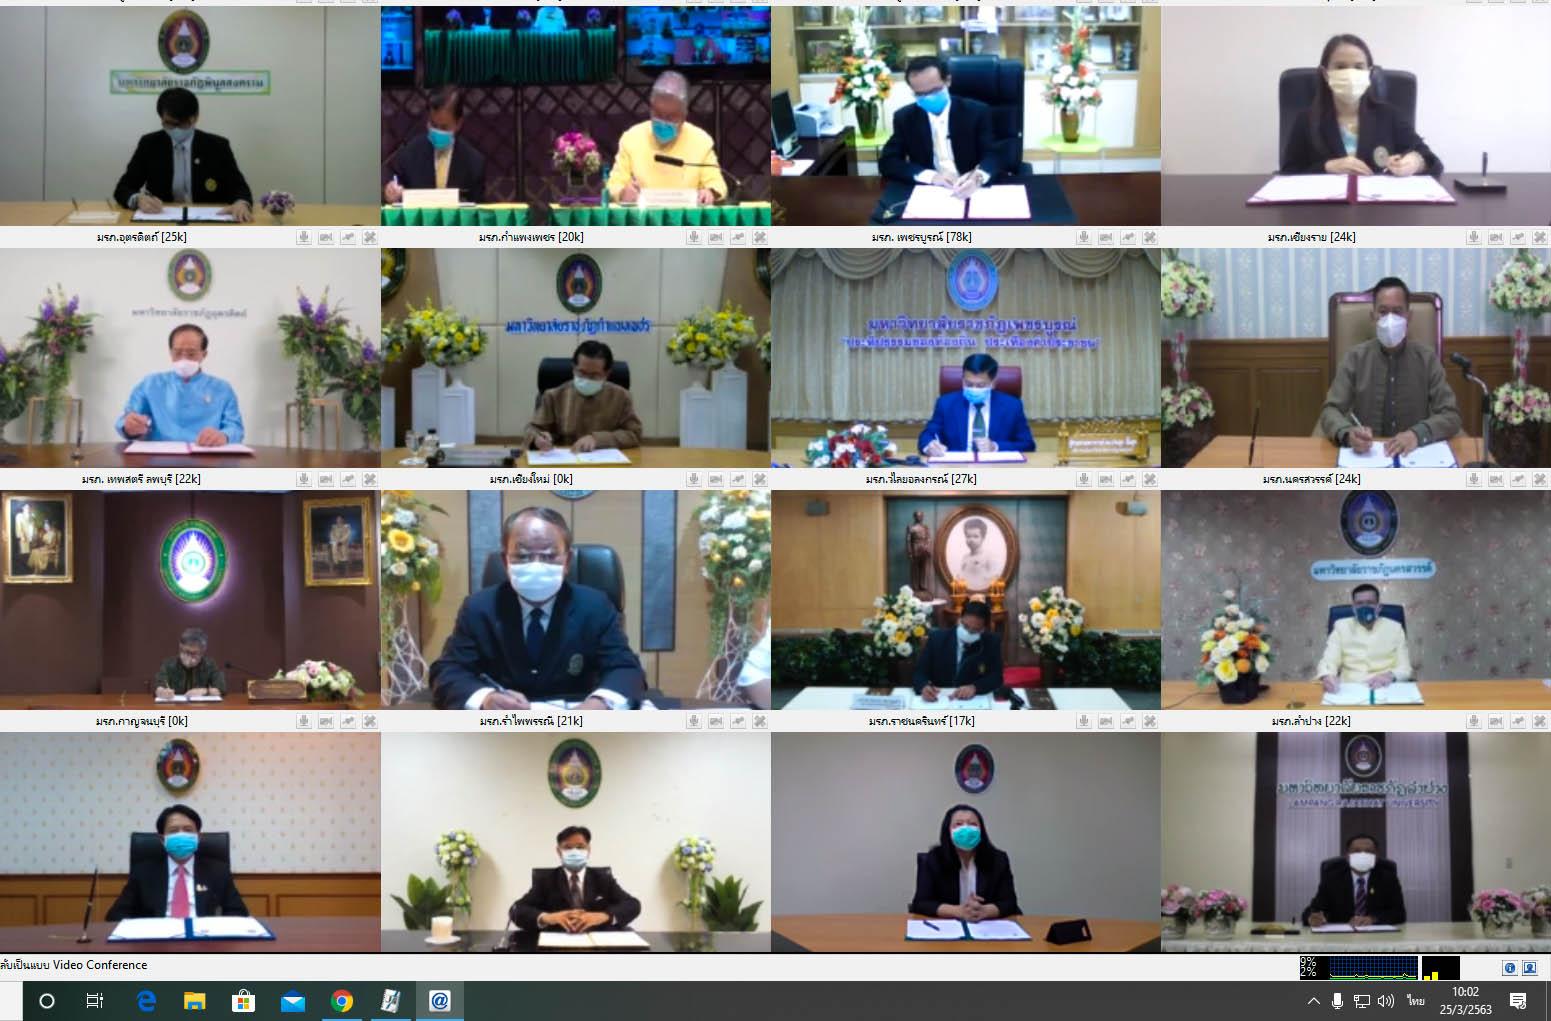 ม.ราชภัฏเพชรบูรณ์ ร่วม MOU กับ ม.ราชภัฏทั่วประเทศ และกรมส่งเสริมวัฒนธรรม กระทรวงวัฒนธรรมผ่านจอภาพ (Video Conference System)